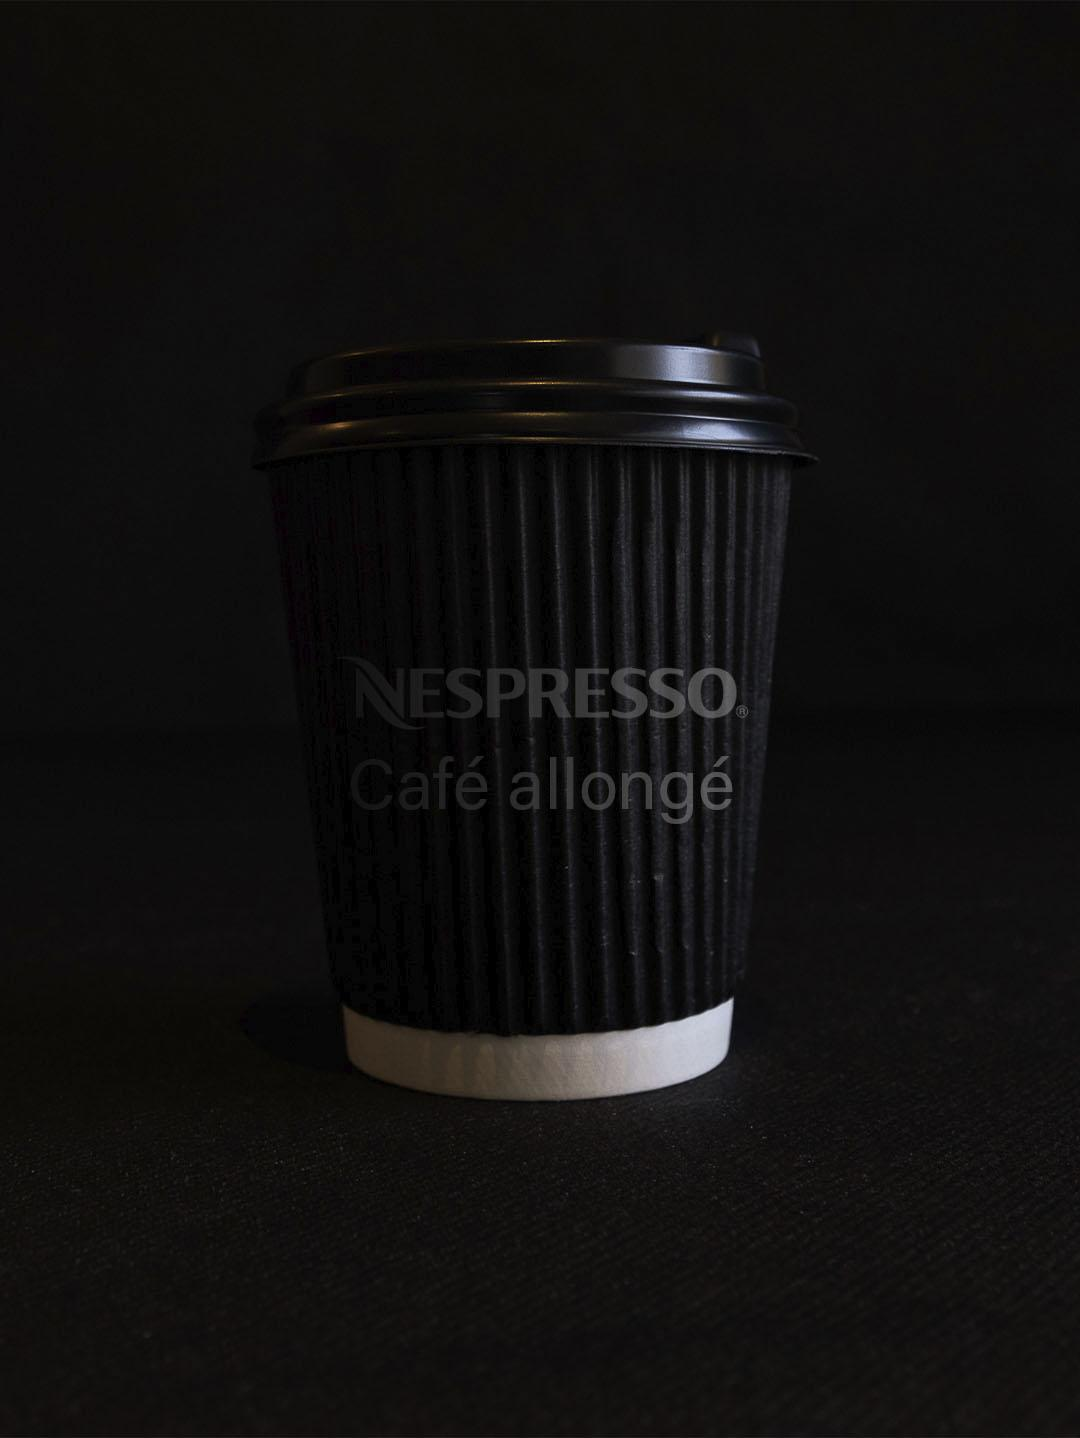 Nespresso cafe allonge coeur gourmand